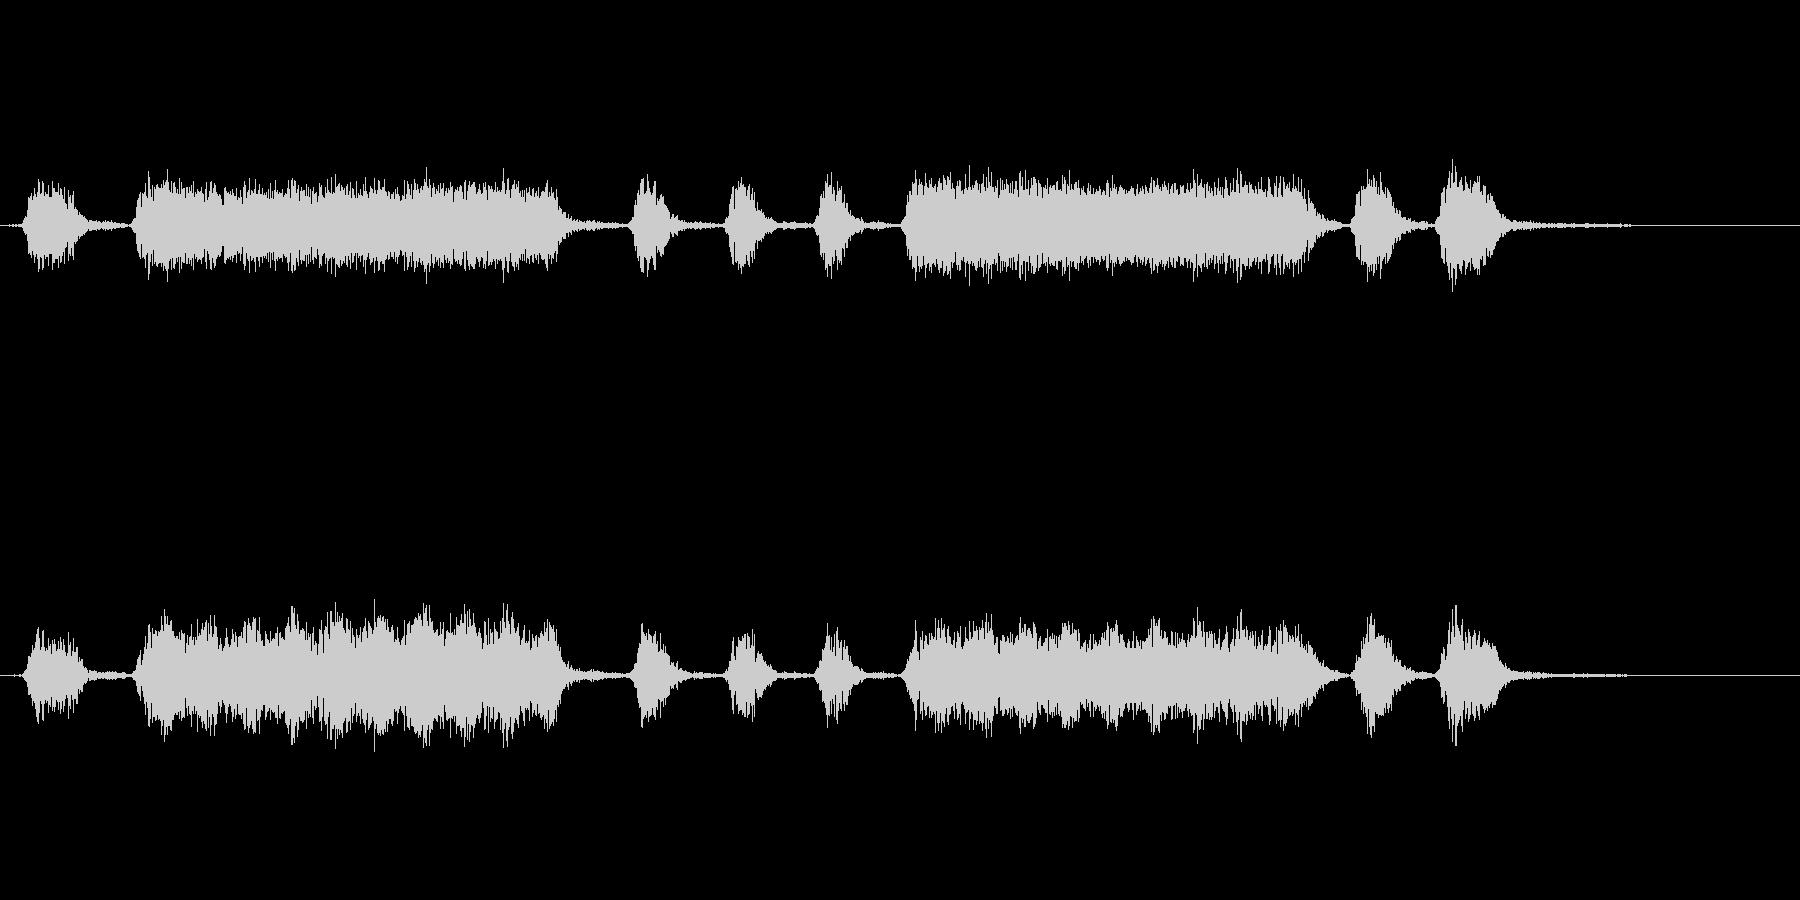 大きくて様々なショート、ミディアム...の未再生の波形